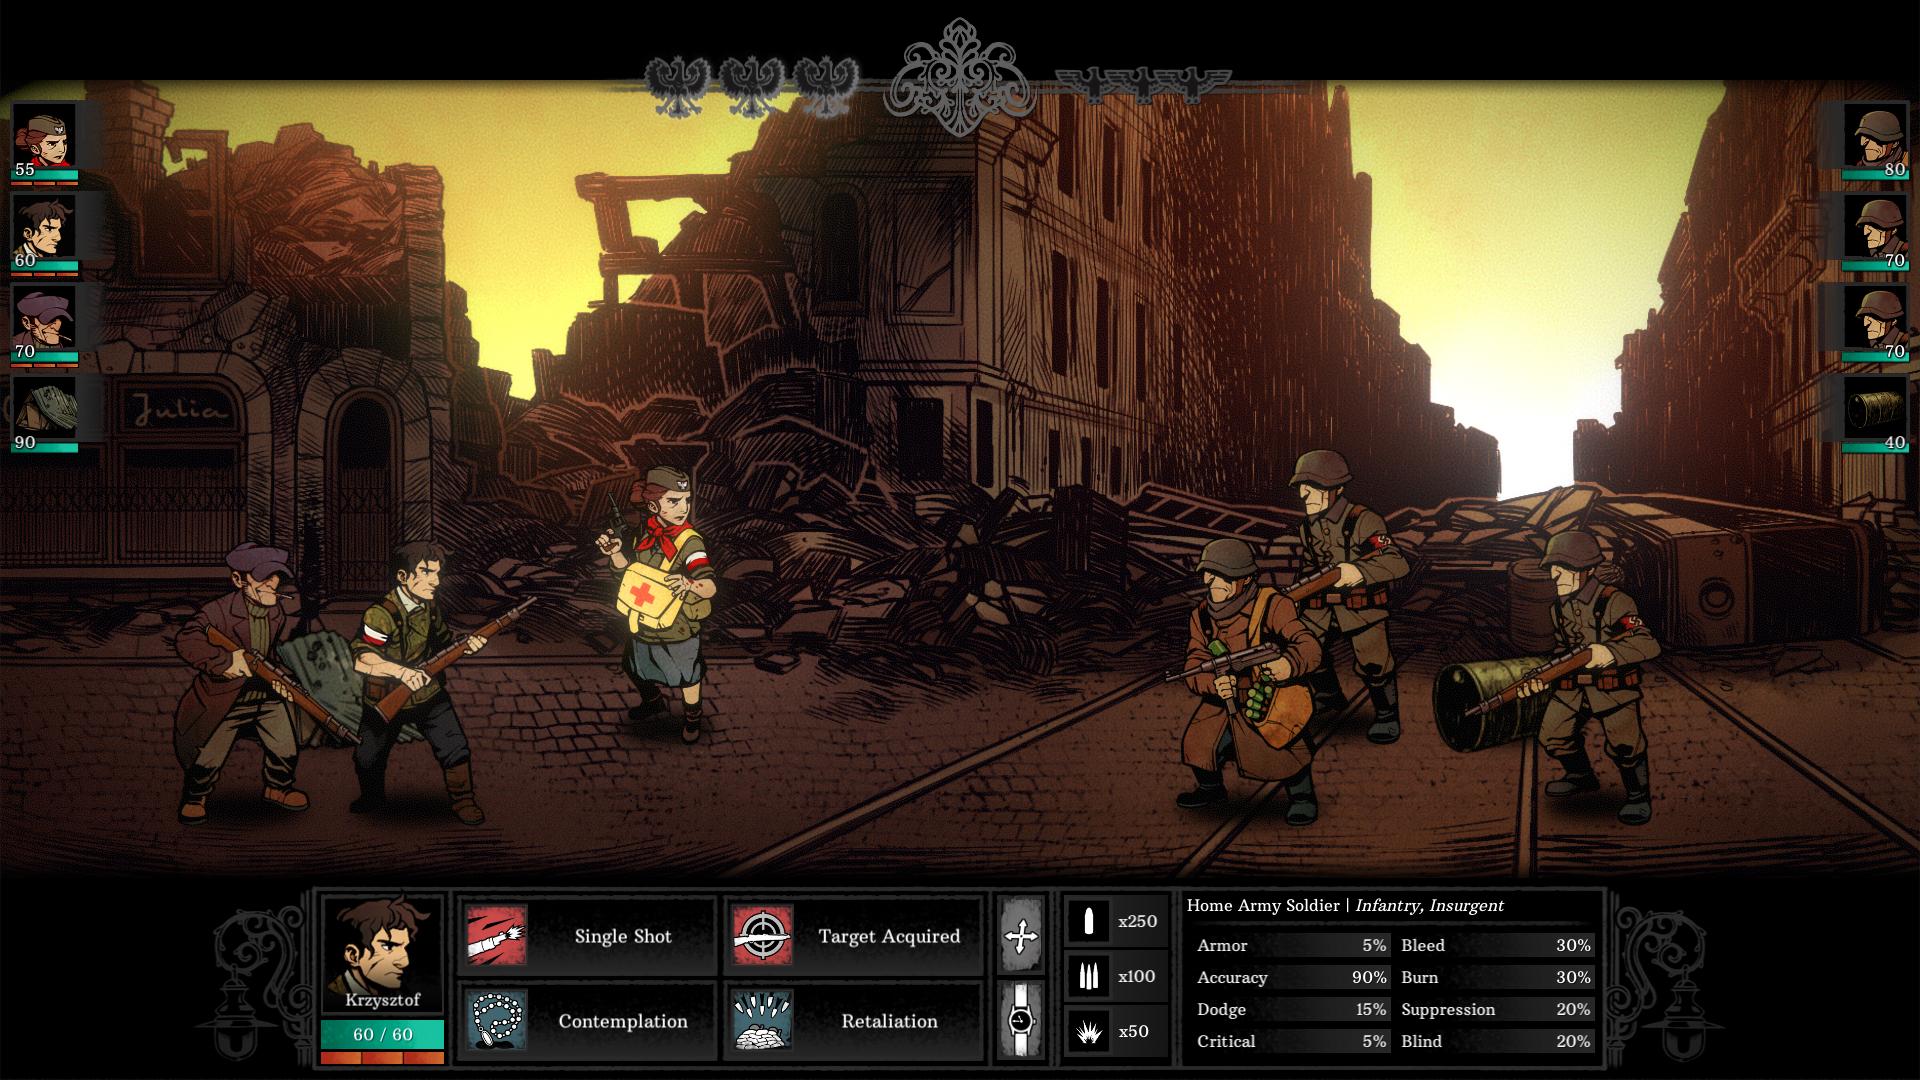 Скриншот к игре WARSAW build76 [HOODLUM] (2019) скачать торрент Лицензия